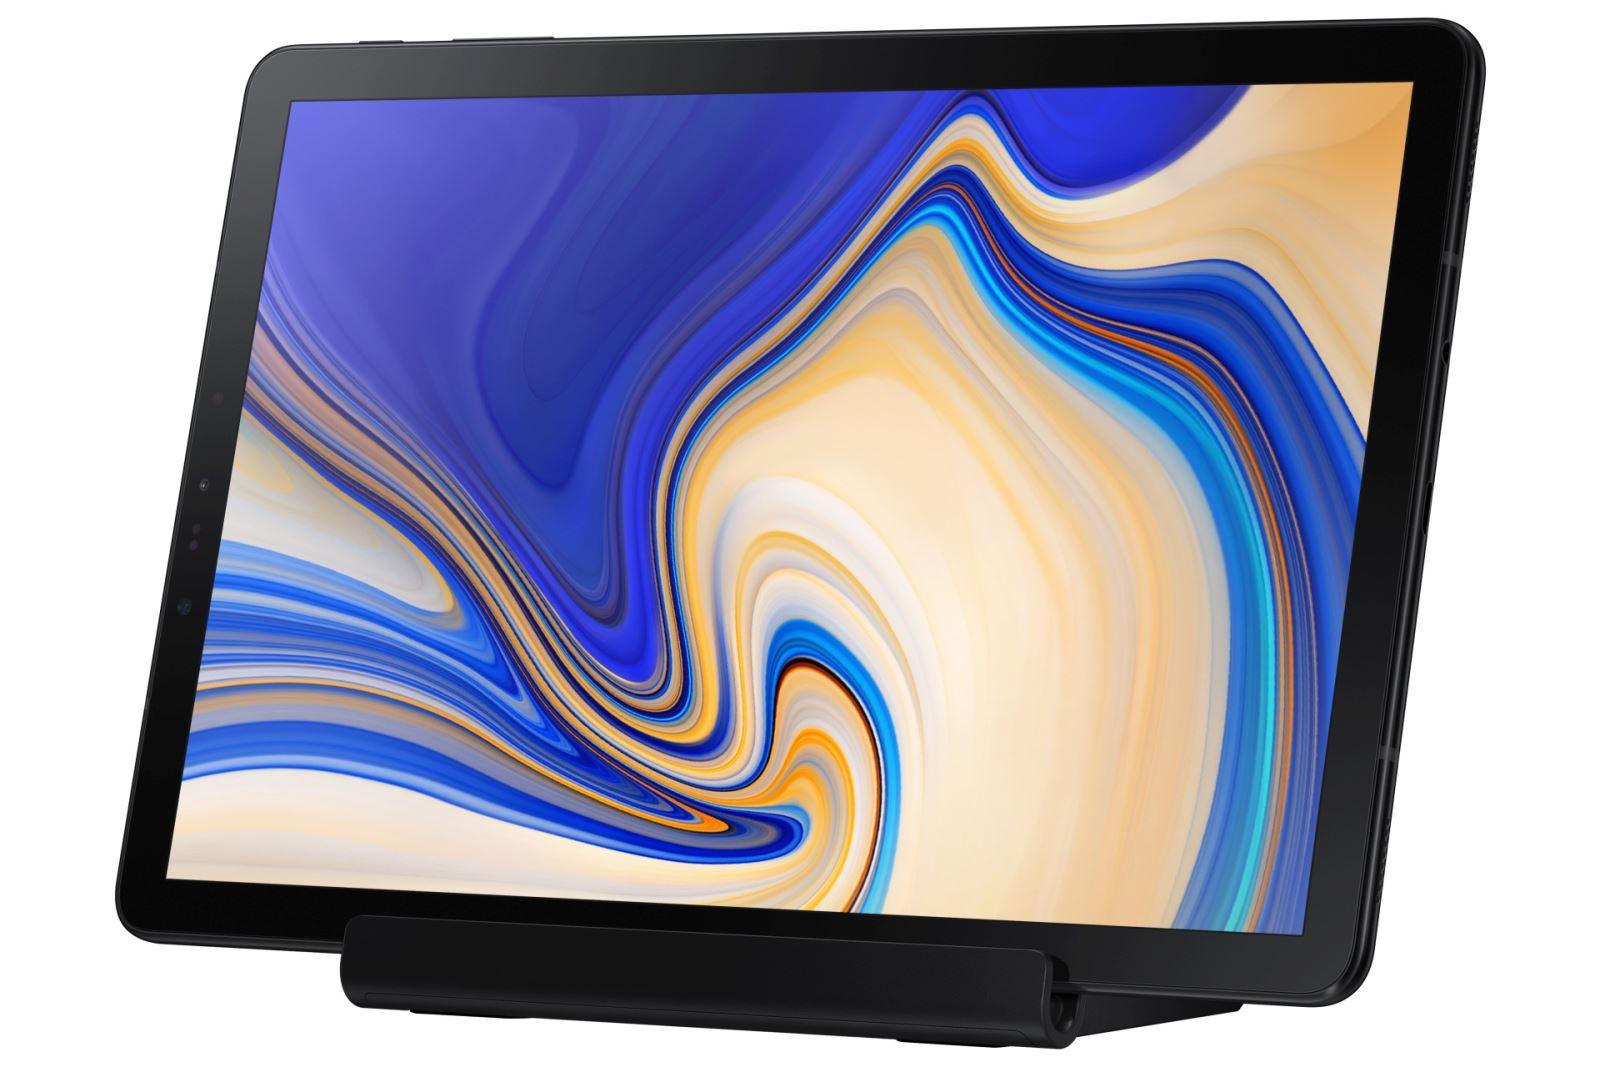 Mọi điều cần biết về chiếc máy tính bảng Galaxy Tab A 10.5 mới ra mắt 4